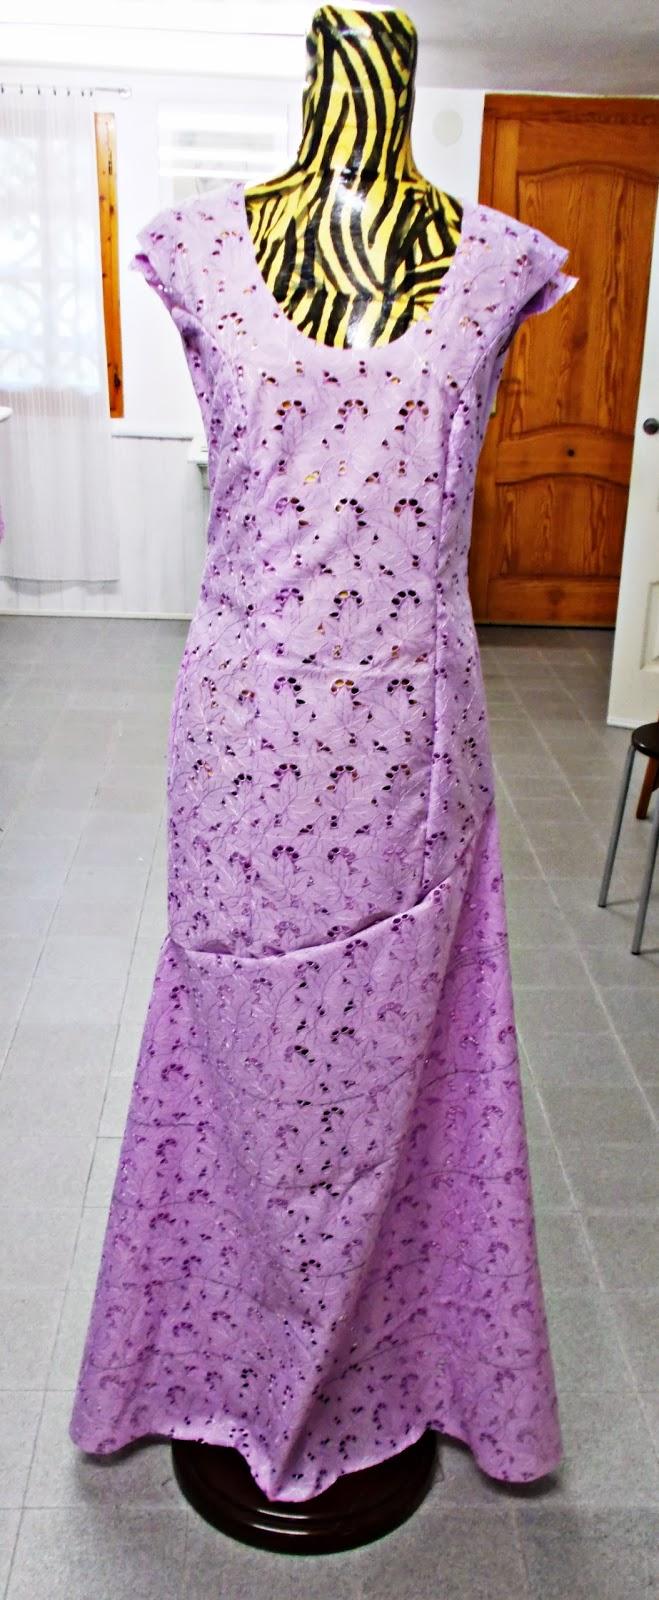 Traje-vestido-flamenca-patrón-paso a paso-costura-volantes-enagua-9